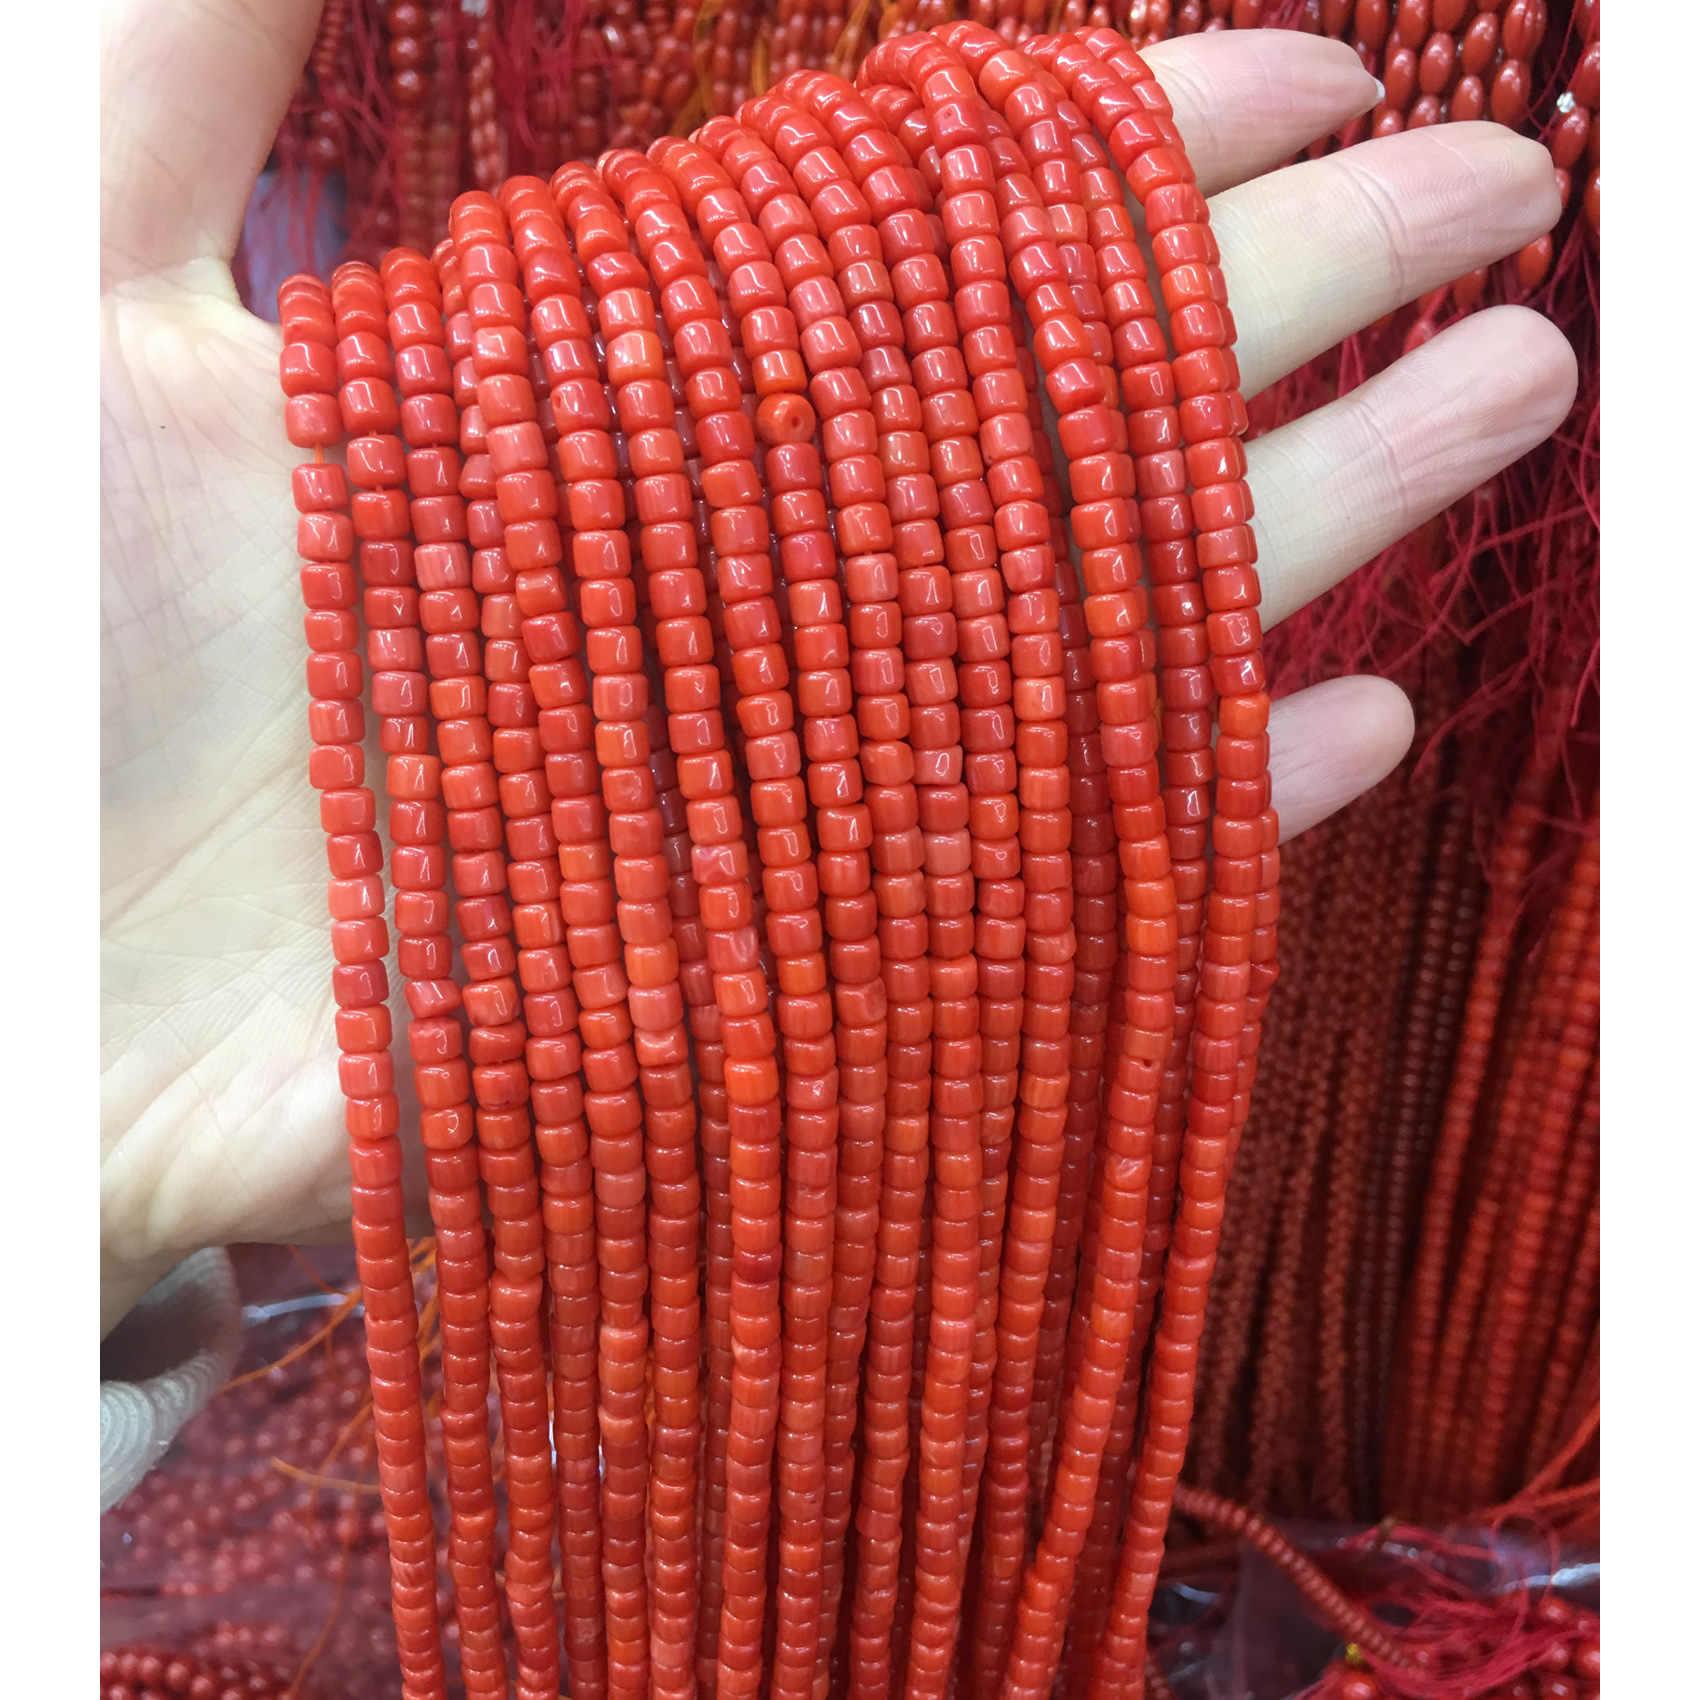 ธรรมชาติวัสดุปะการังสังเคราะห์ทรงกระบอกลูกปัดปะการังสีแดงลูกปัด DIY เครื่องประดับทำด้วยมือลูกปัดอุปกรณ์เสริม